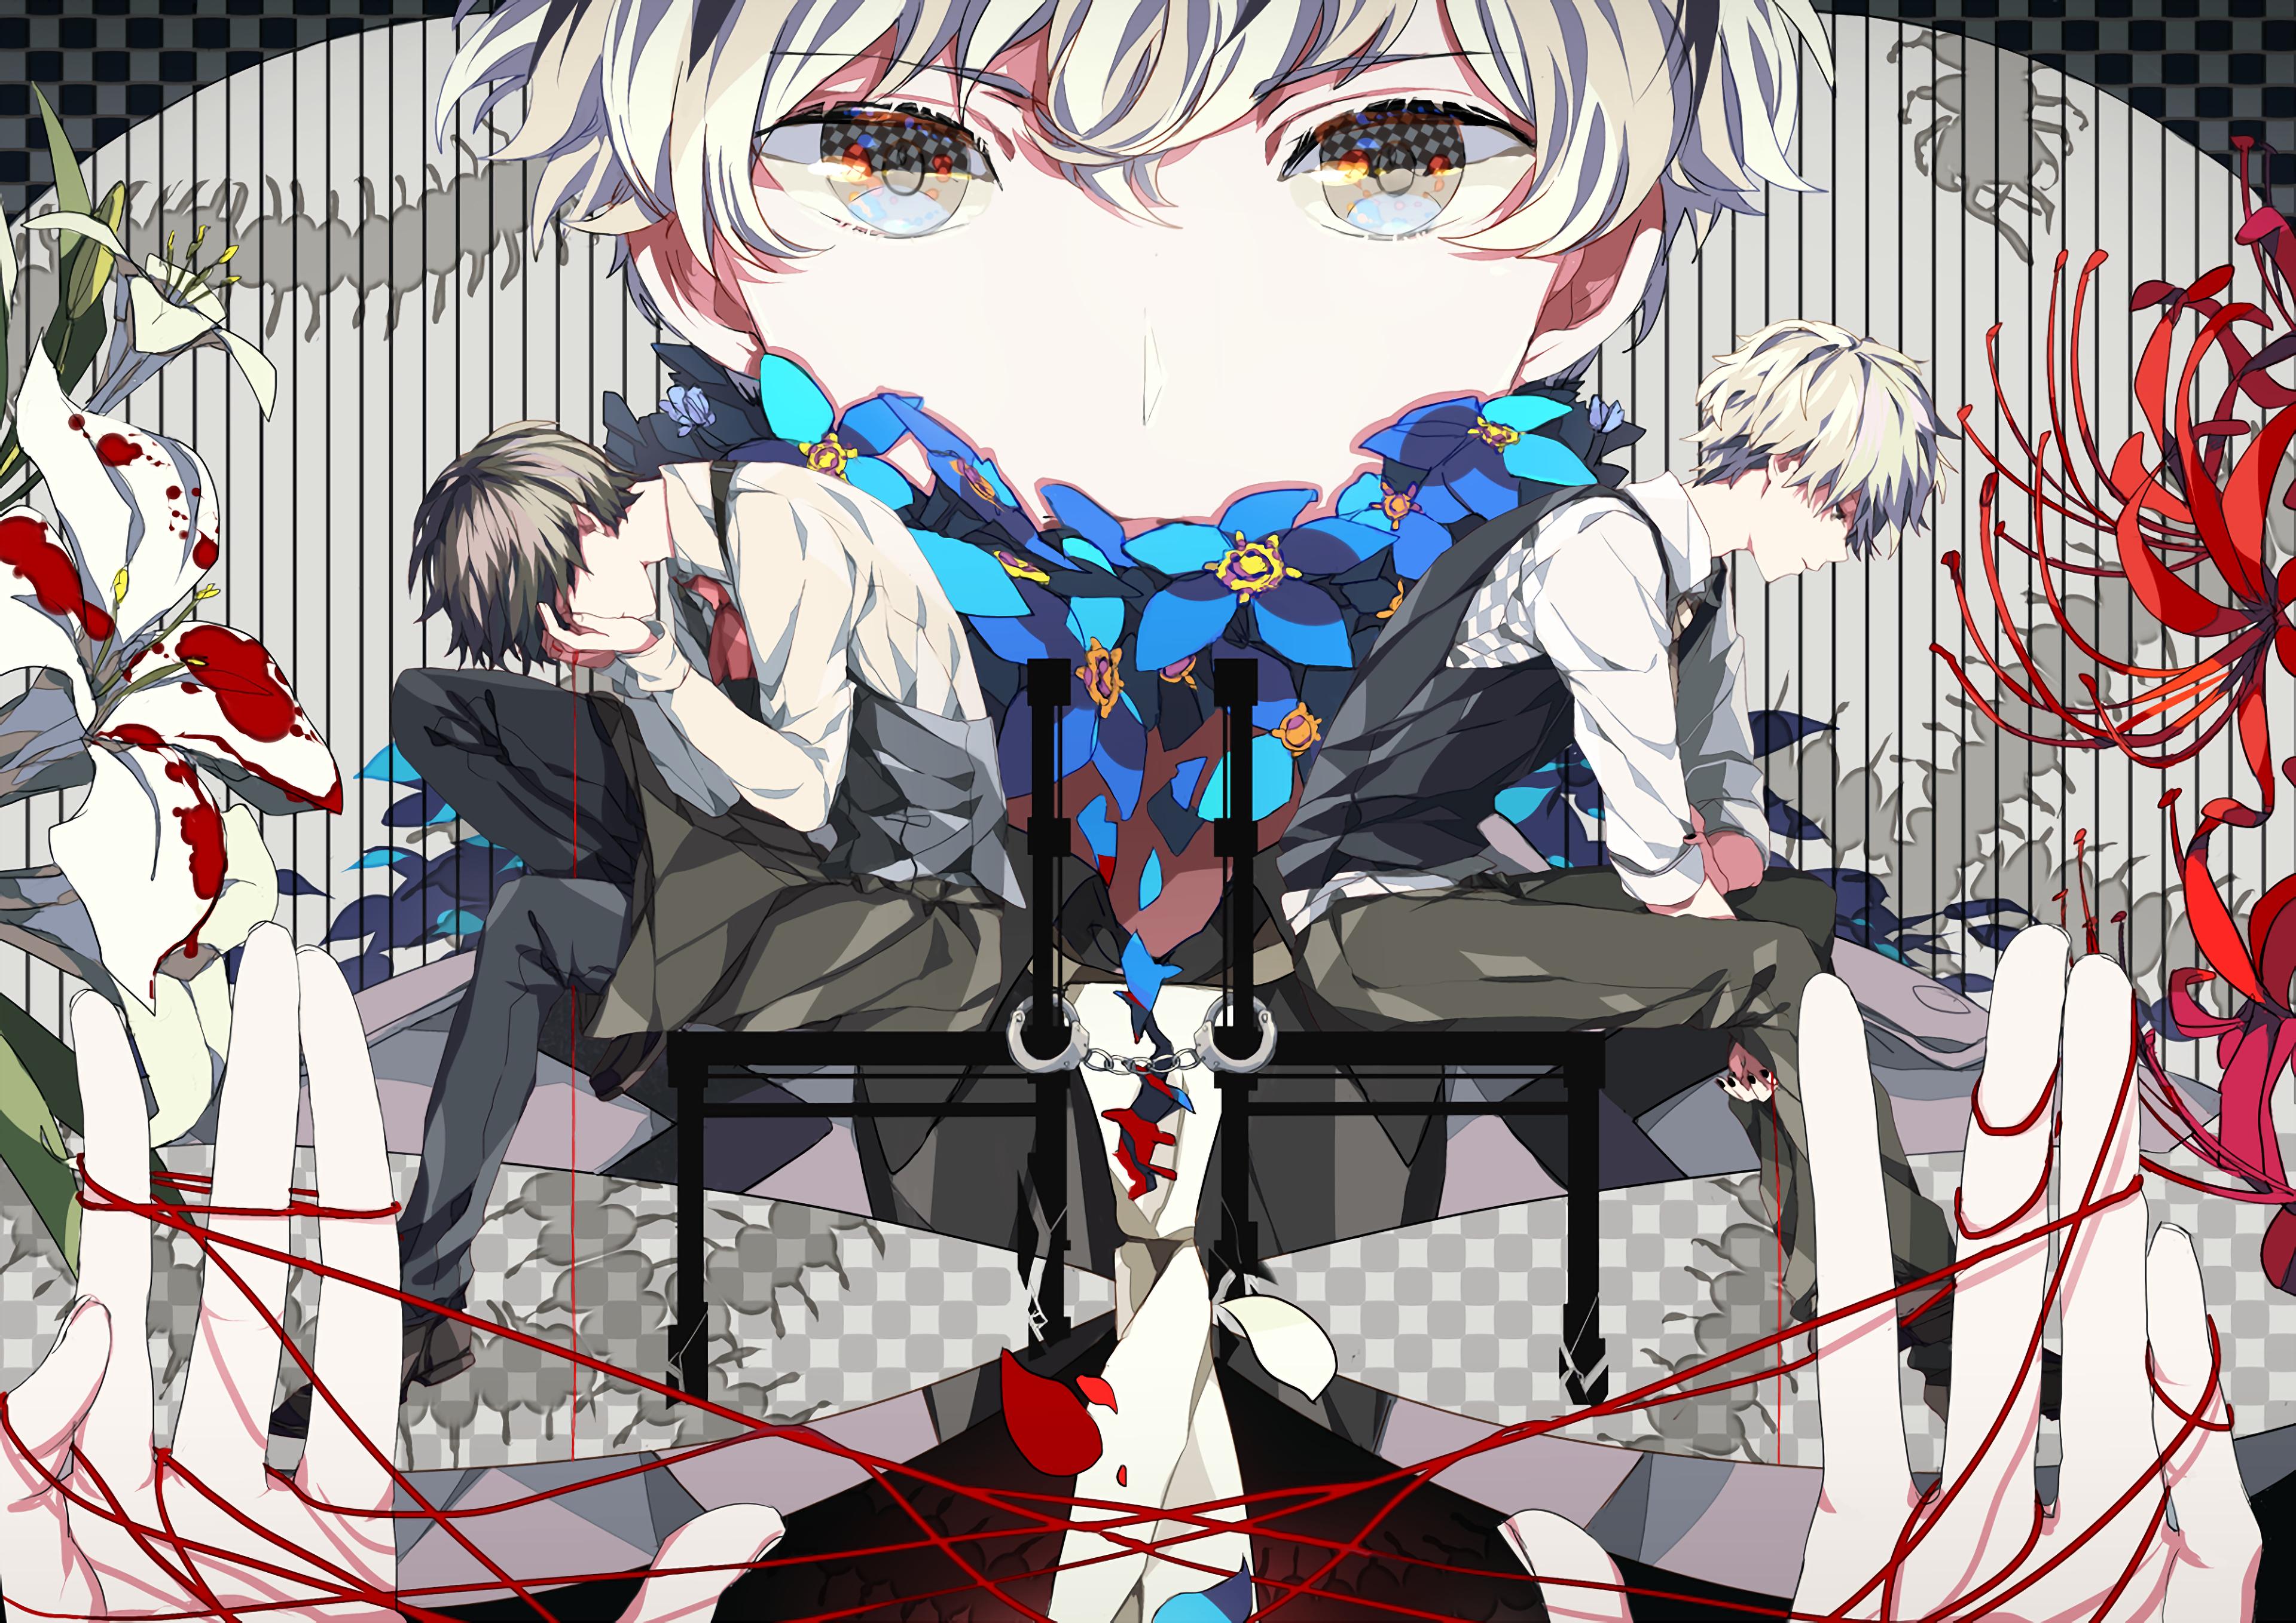 Download 910 Wallpaper Hd Anime Tokyo Ghoul Re Paling Keren